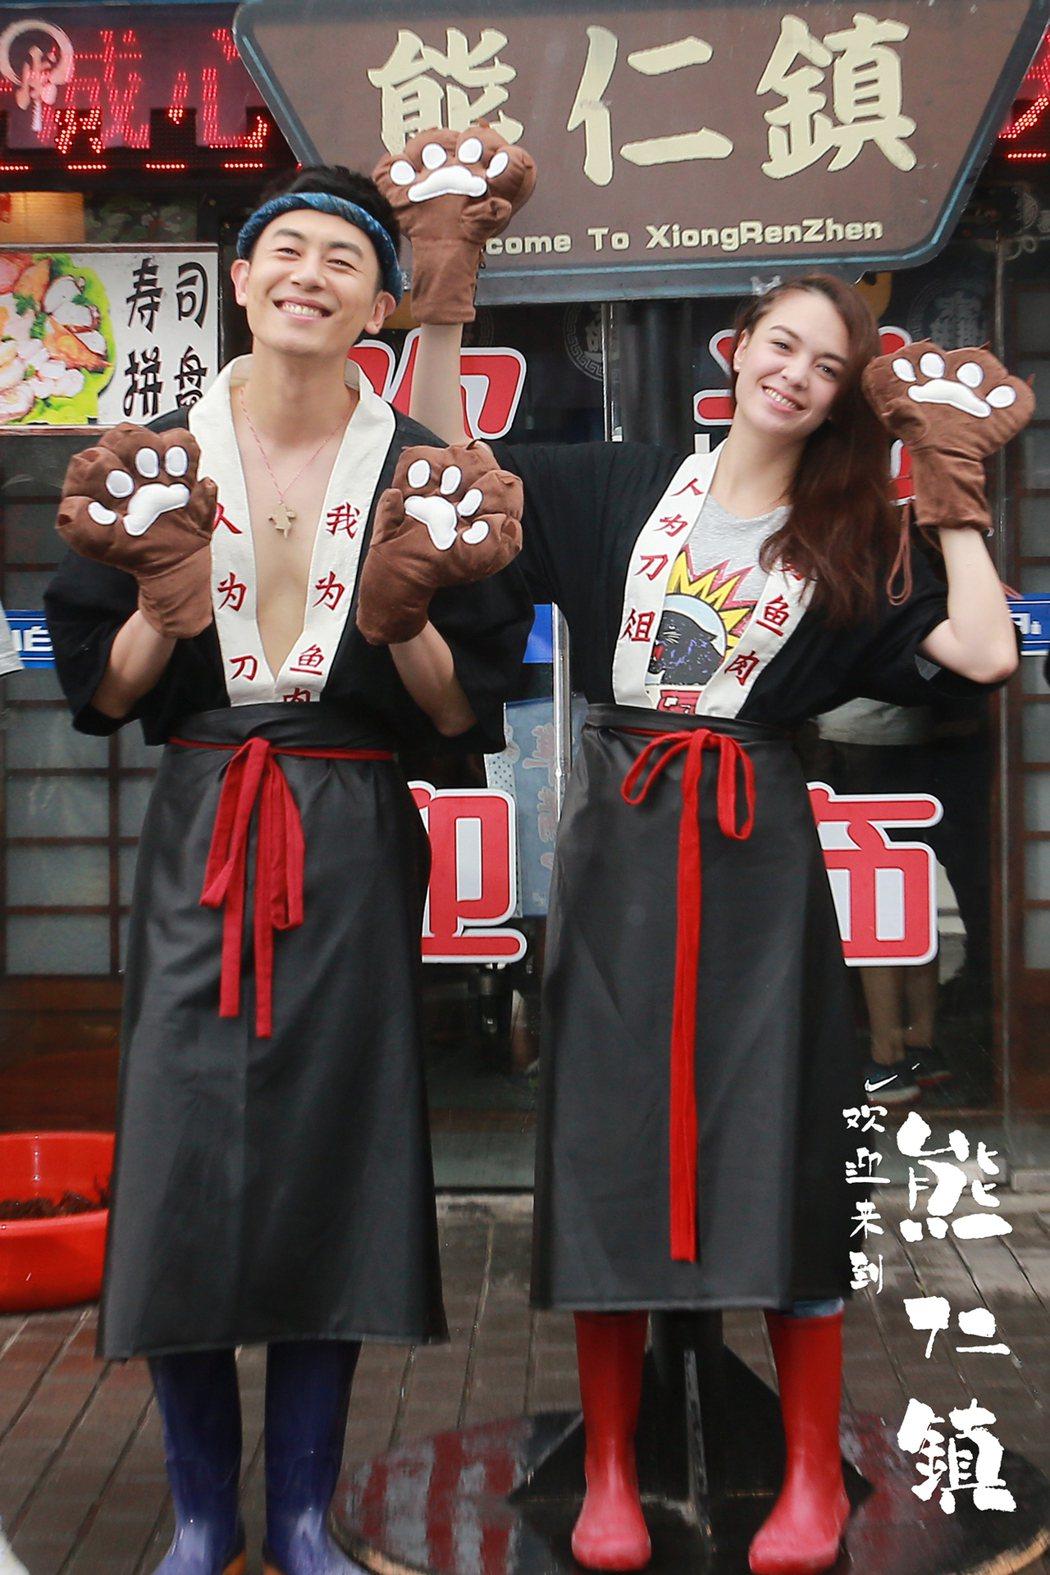 女星張榕容與大陸當紅小生朱亞文合作演出爆笑喜劇新片「歡迎來到熊仁鎮」。圖/澤東提